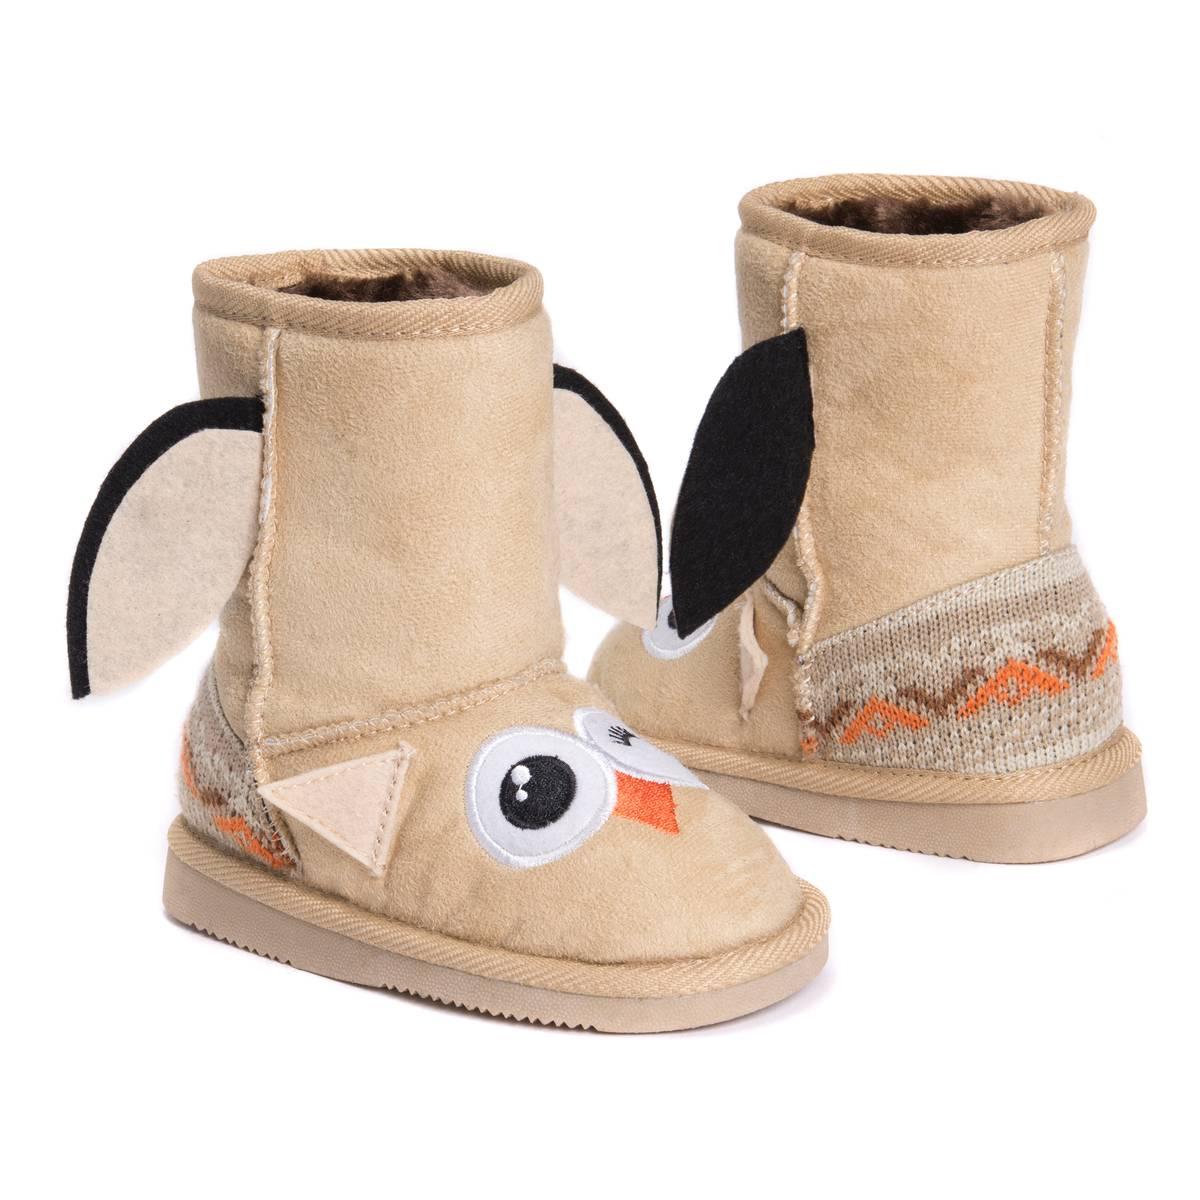 shop kids u0027 shoes and boots blain u0027s farm u0026 fleet